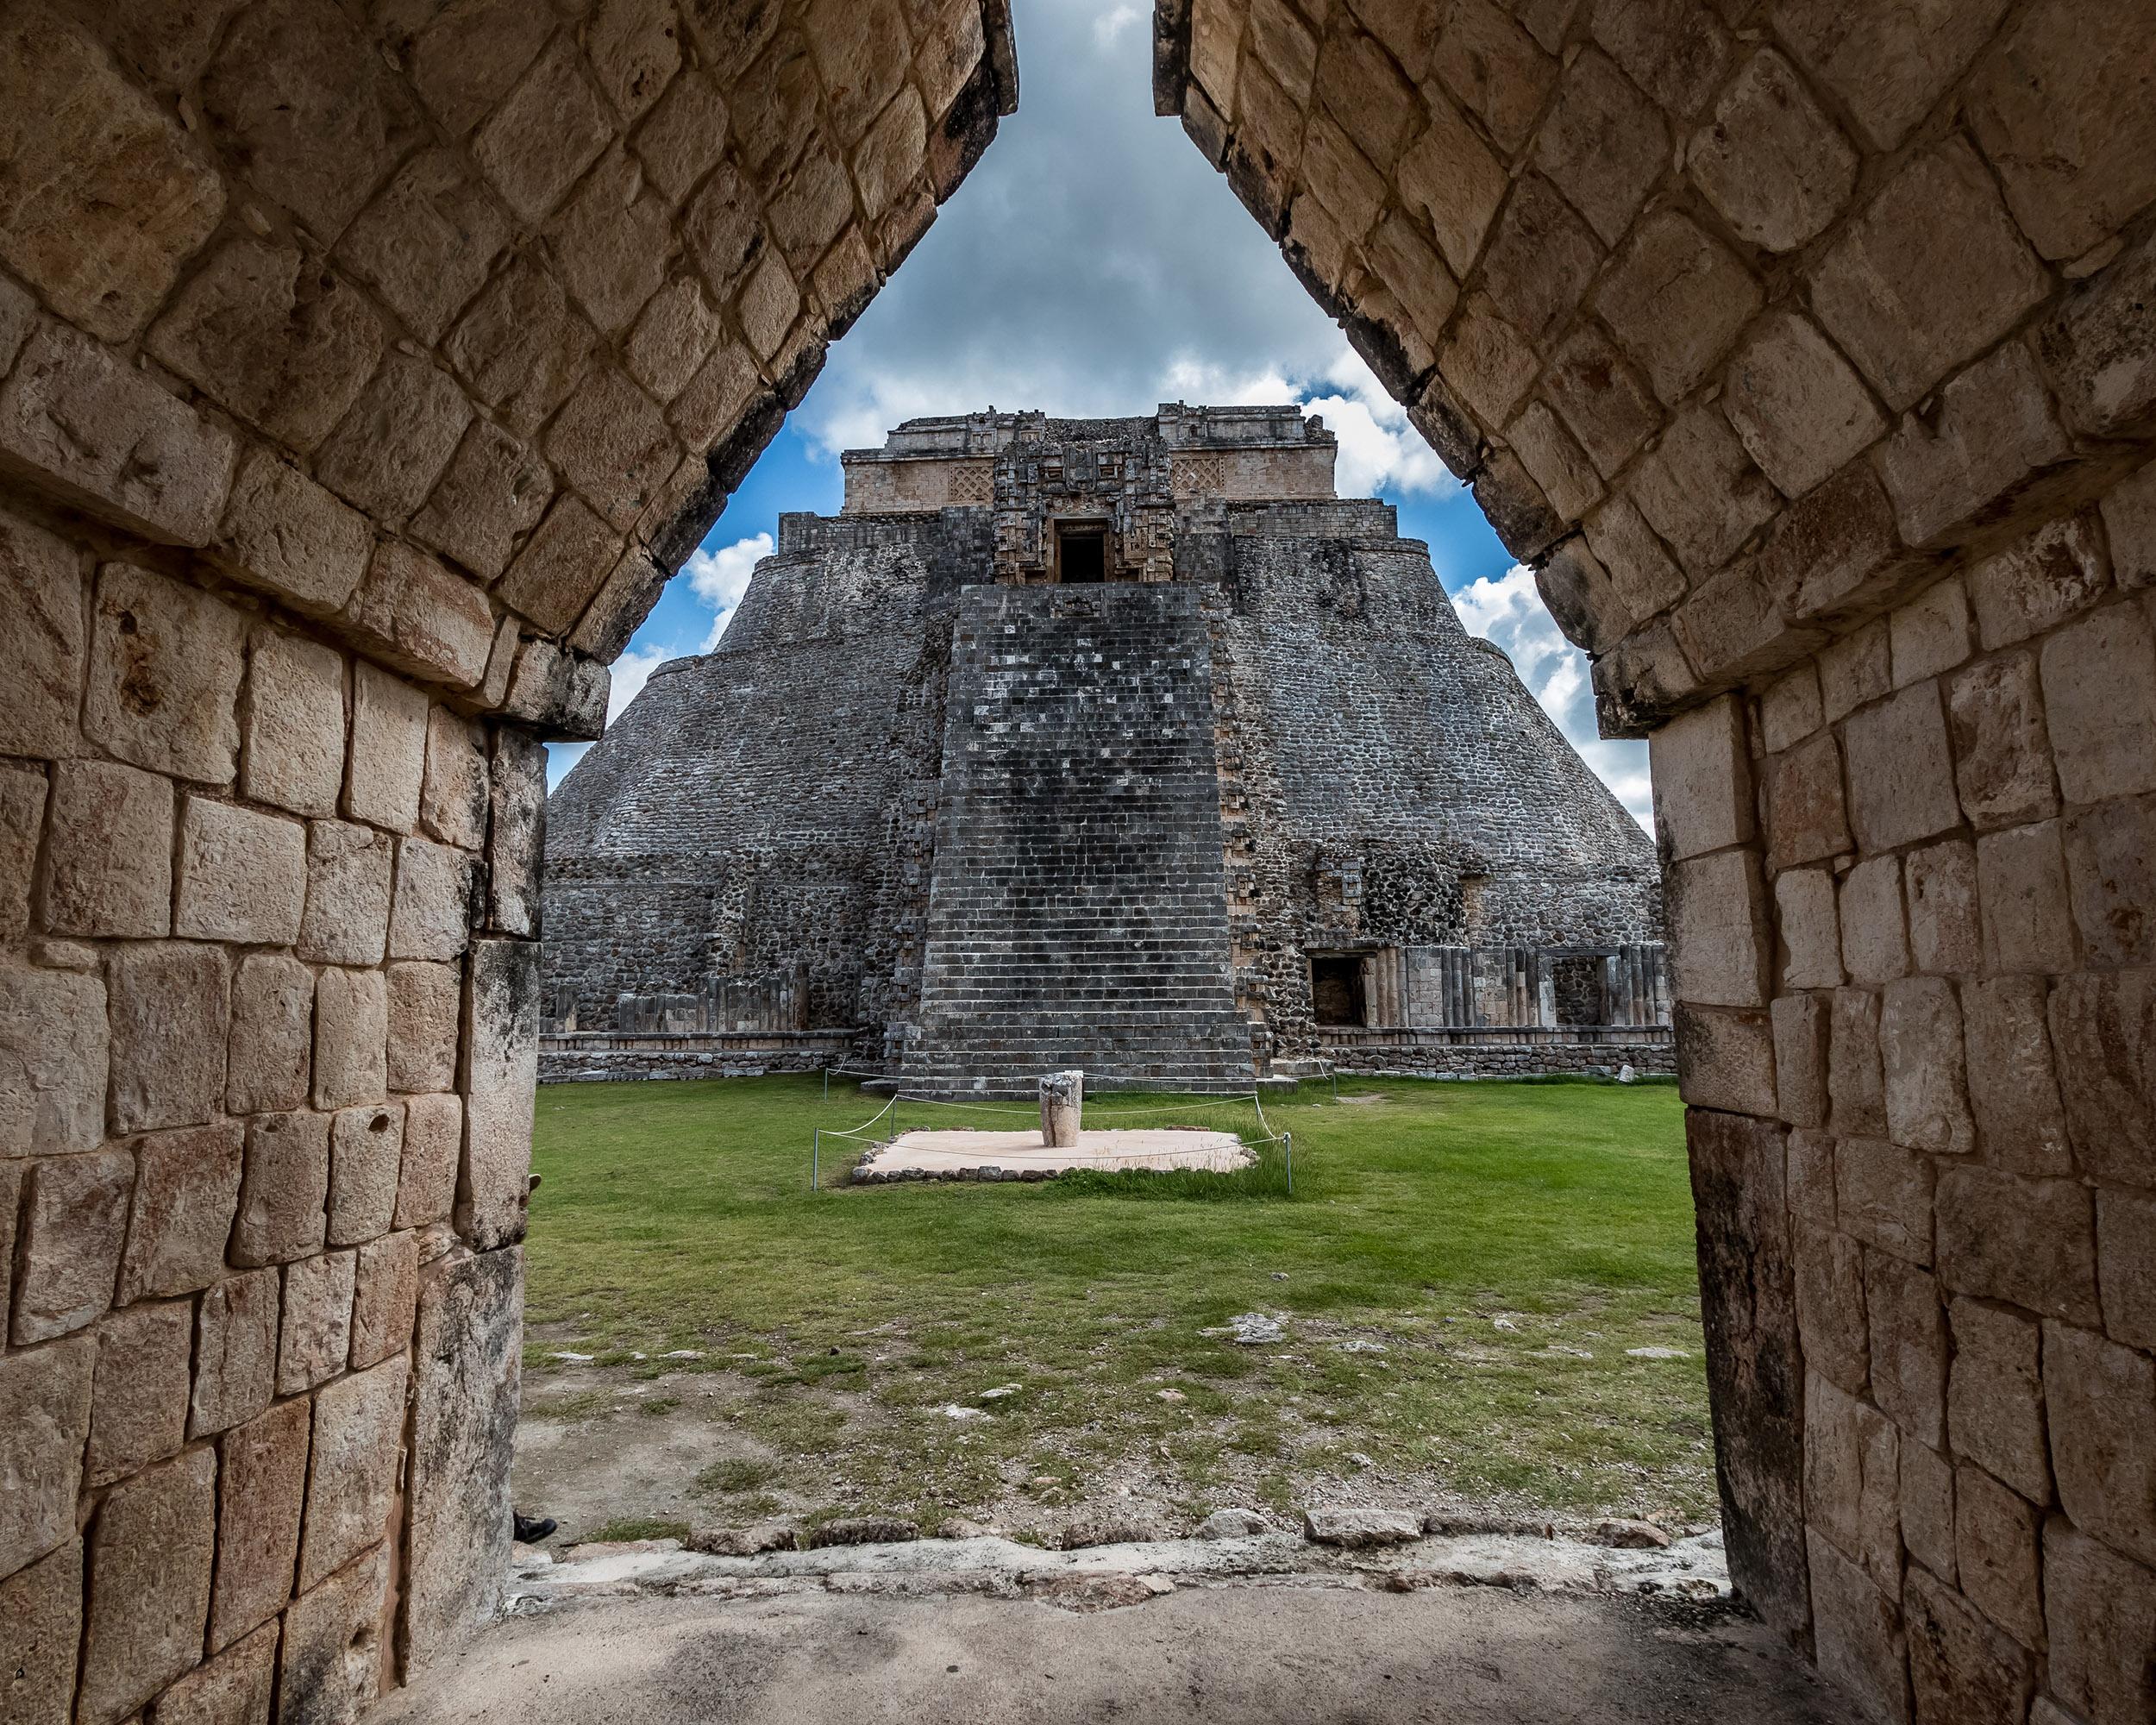 Uxmal - Les ruines et les pyramides - Yucatan